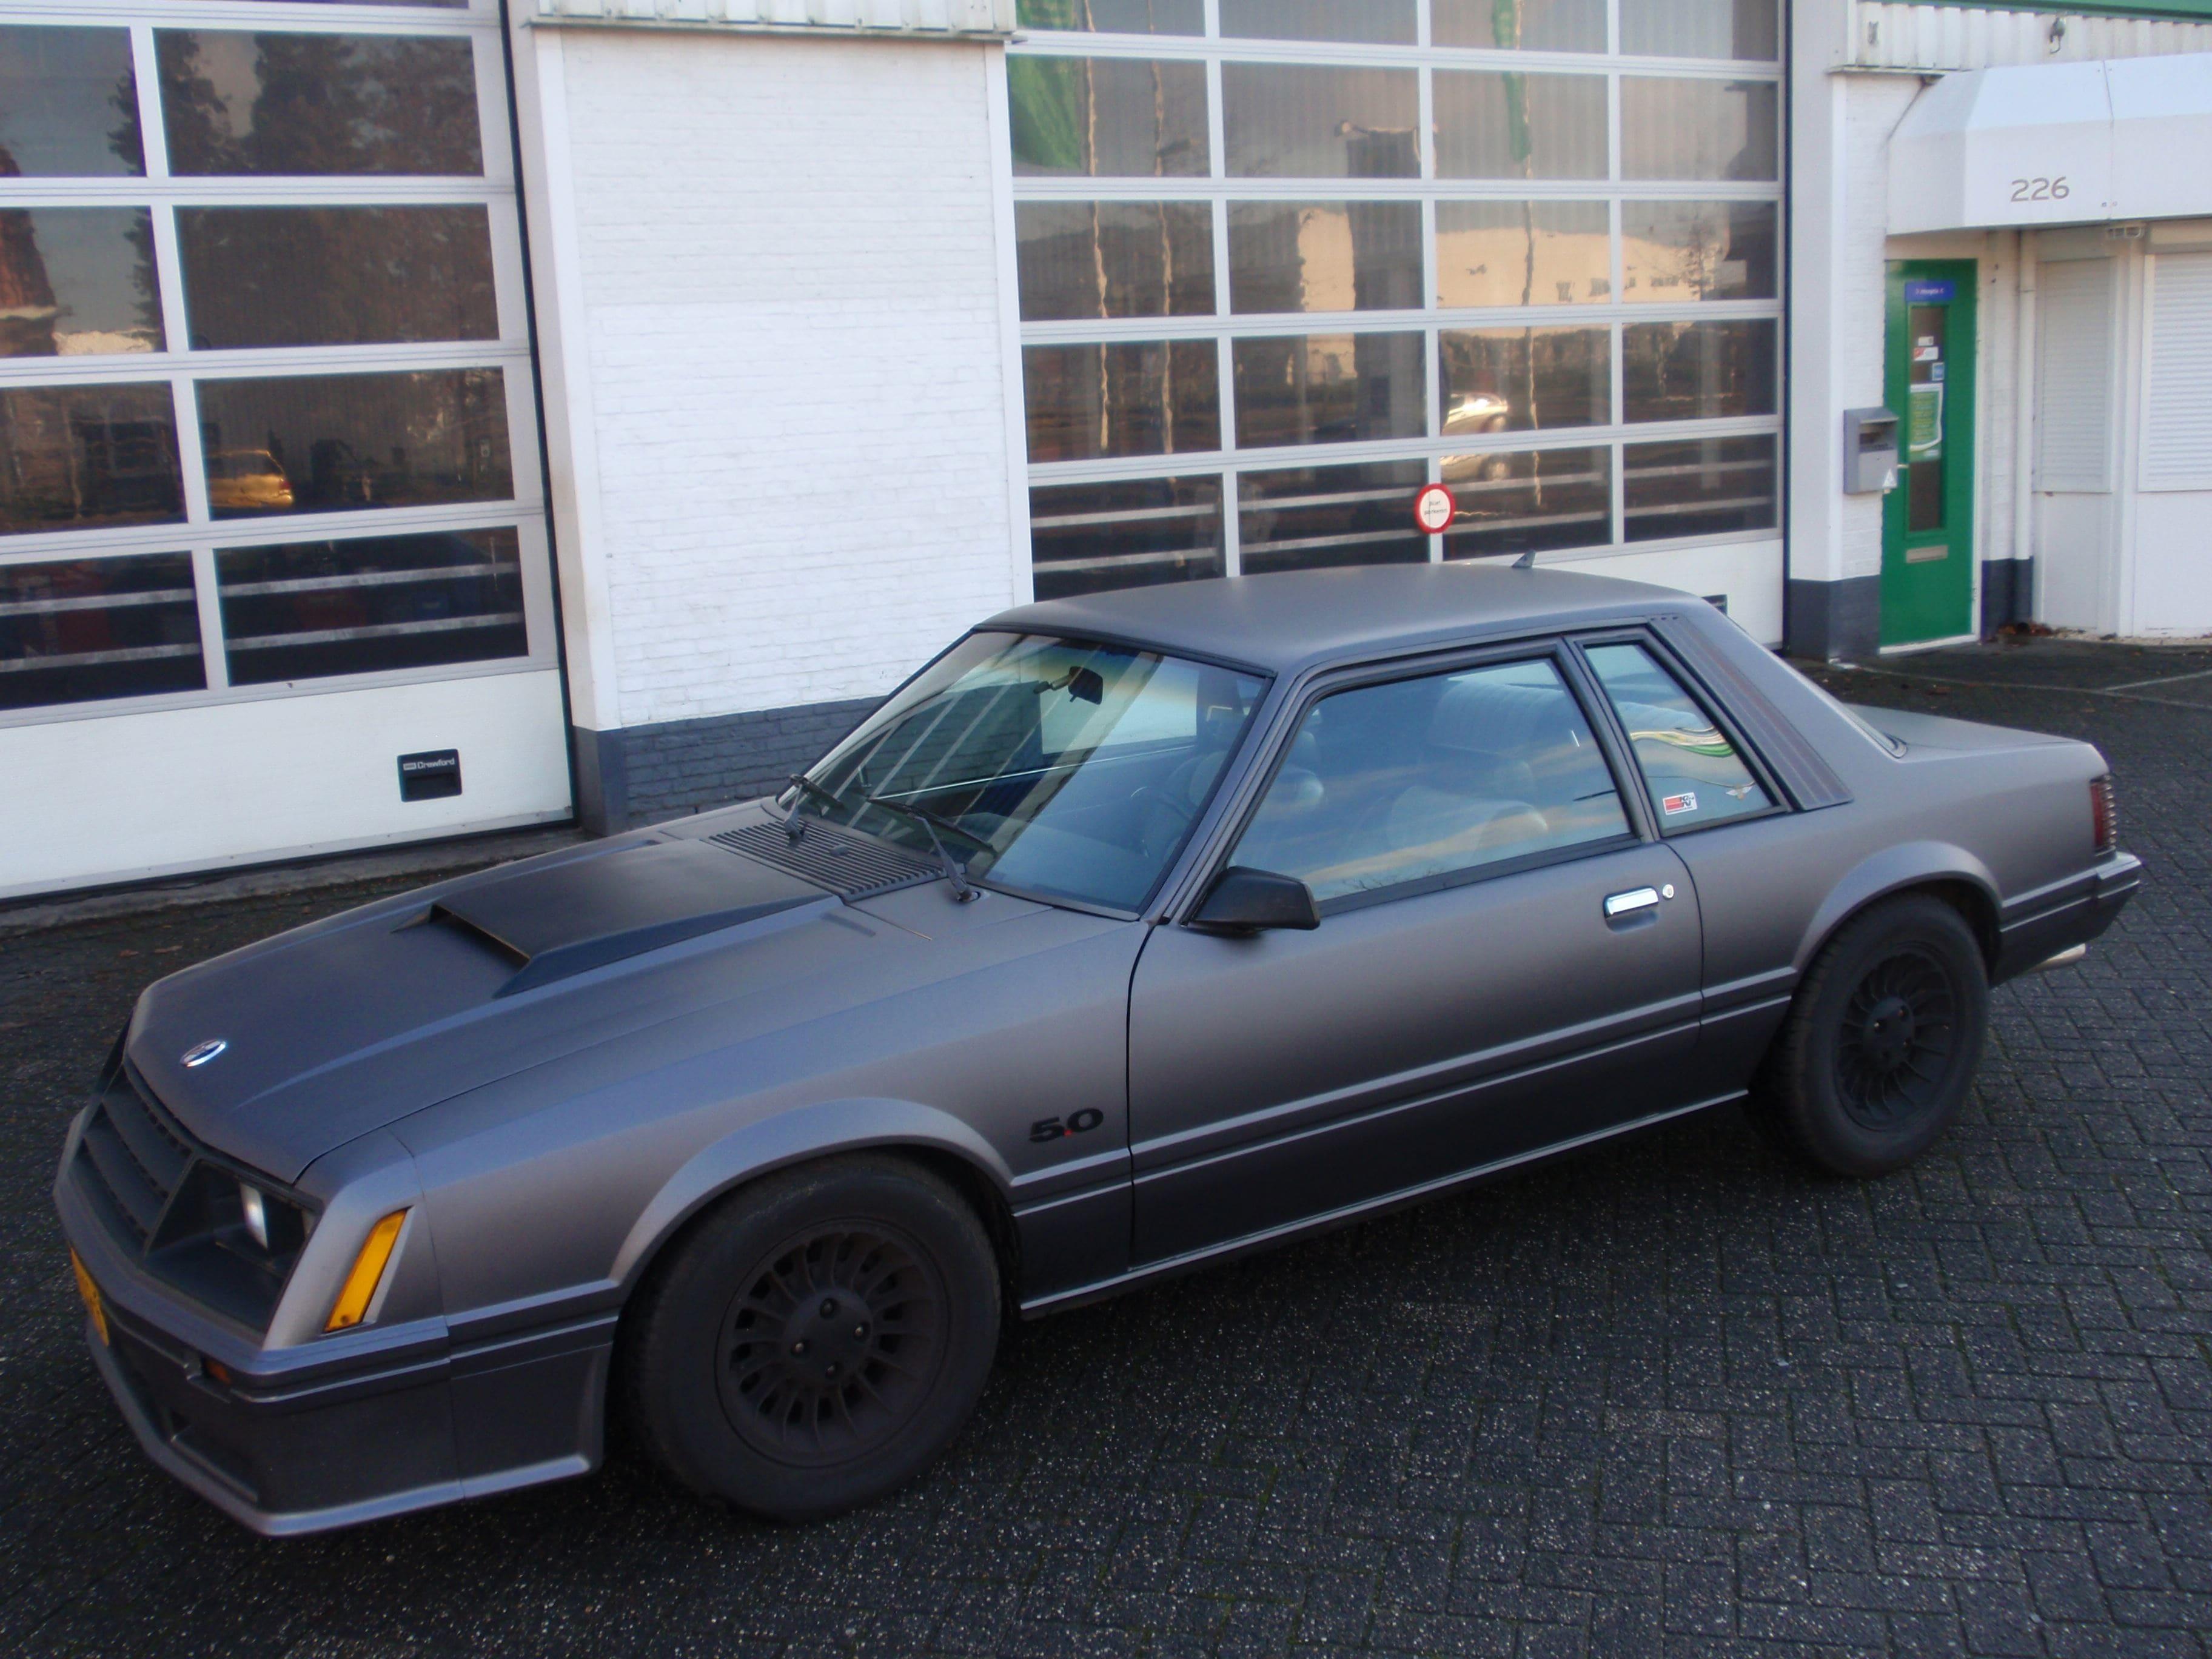 Ford Mustang Mach 3 met Mat Zwarte Wrap, Carwrapping door Wrapmyride.nu Foto-nr:5837, ©2020